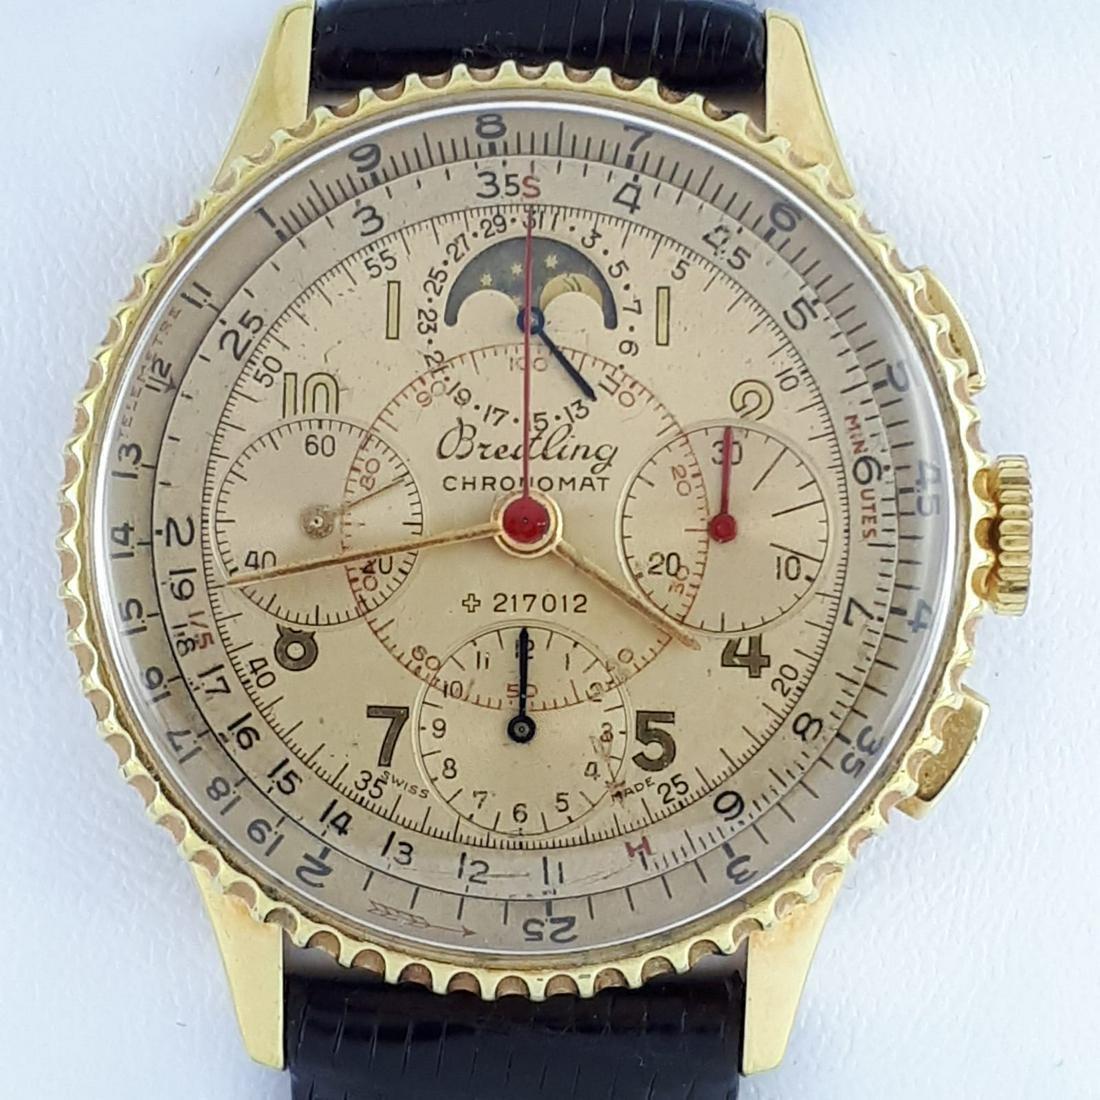 Breitling - Chronomat 801 Moon Phase Triple Date - Men